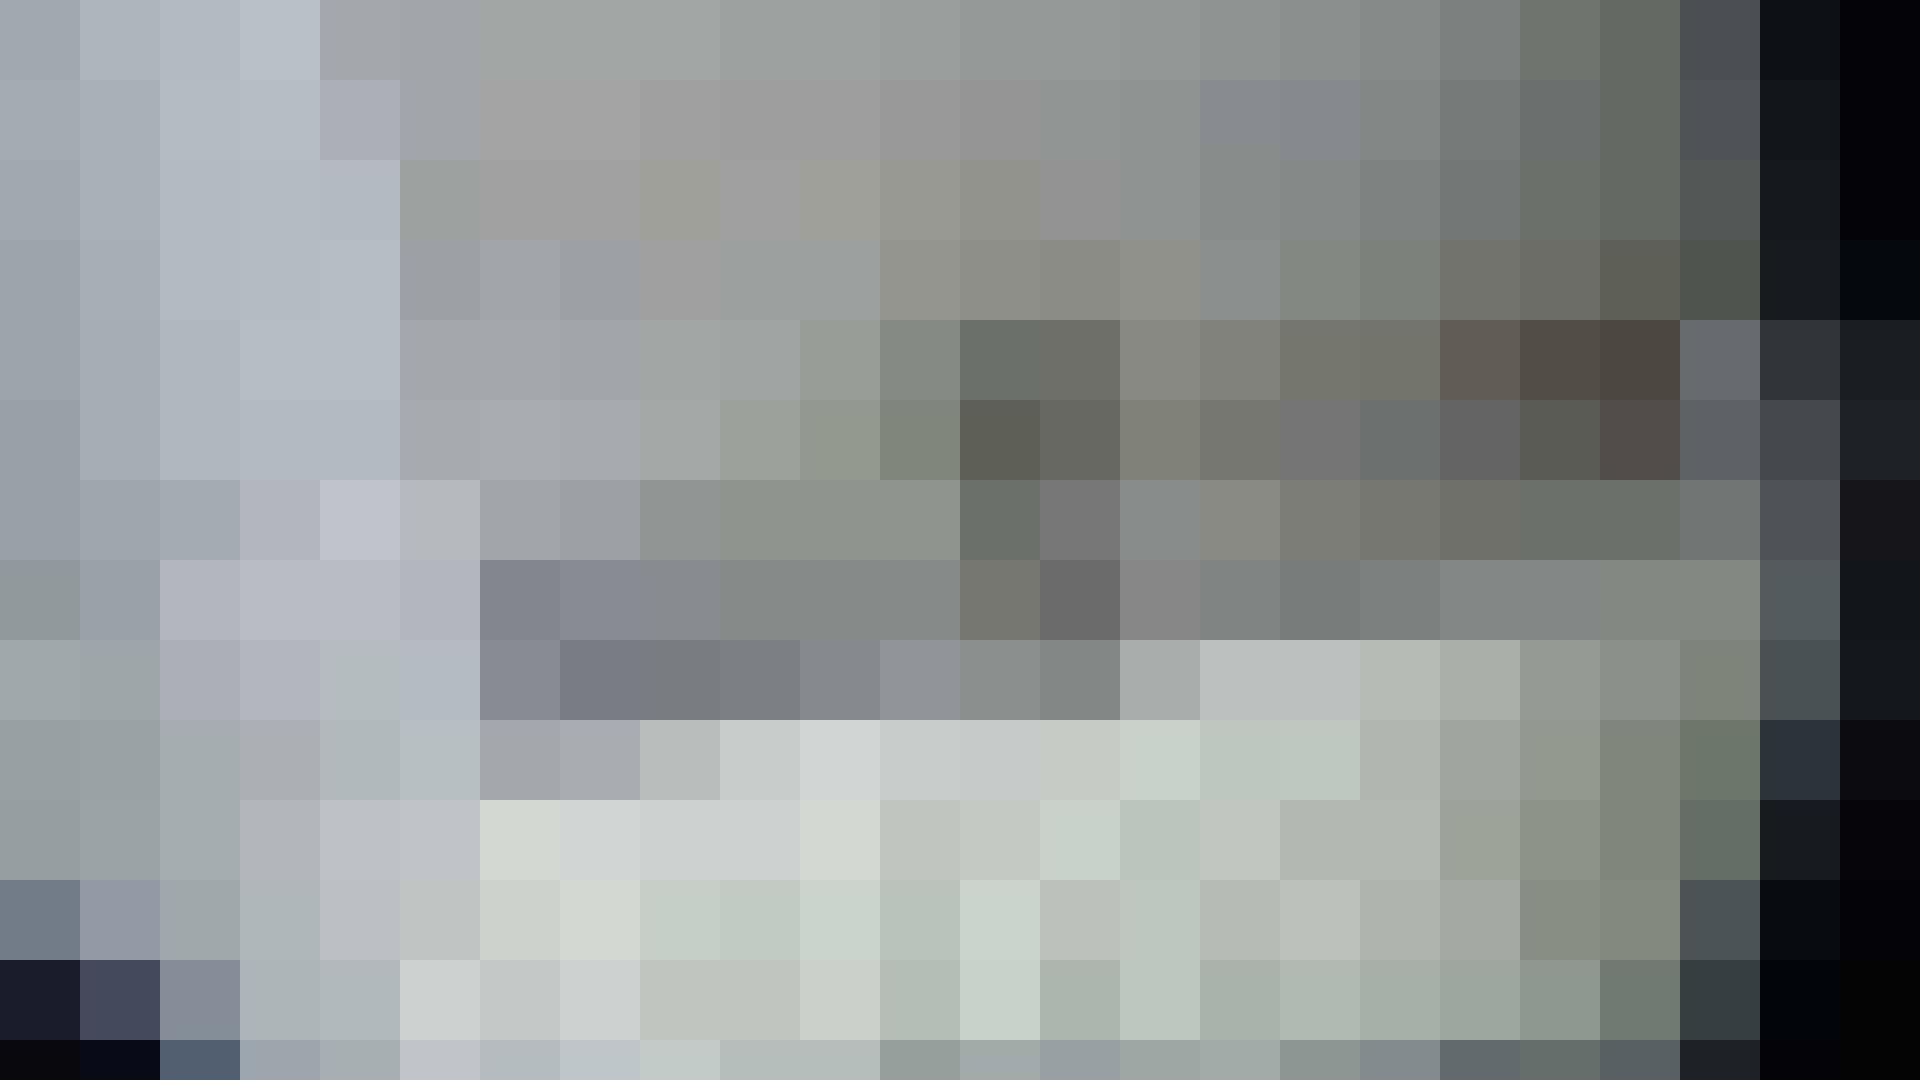 洗面所特攻隊 vol.016 ナナメな方 洗面所  107PIX 83